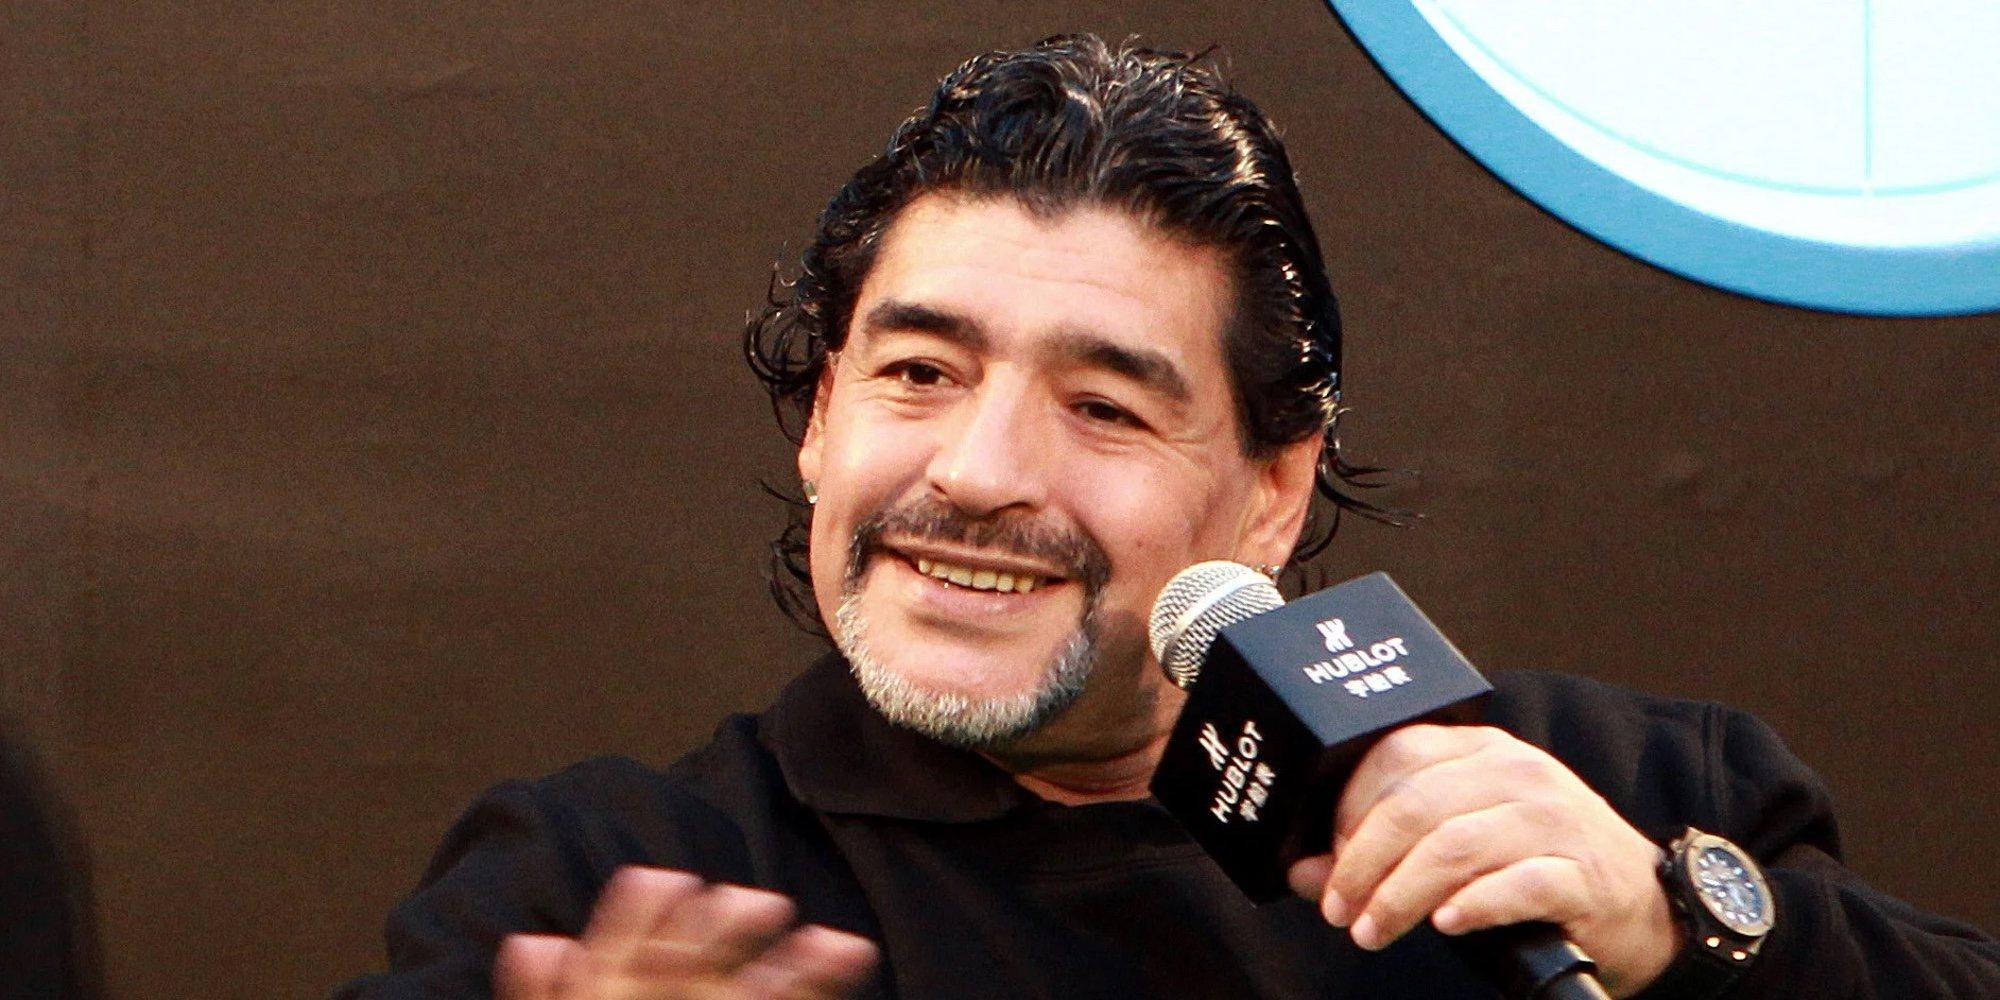 Encontrados varios documentos del médico personal de Maradona con firmas del futbolista que podrían ser falsas